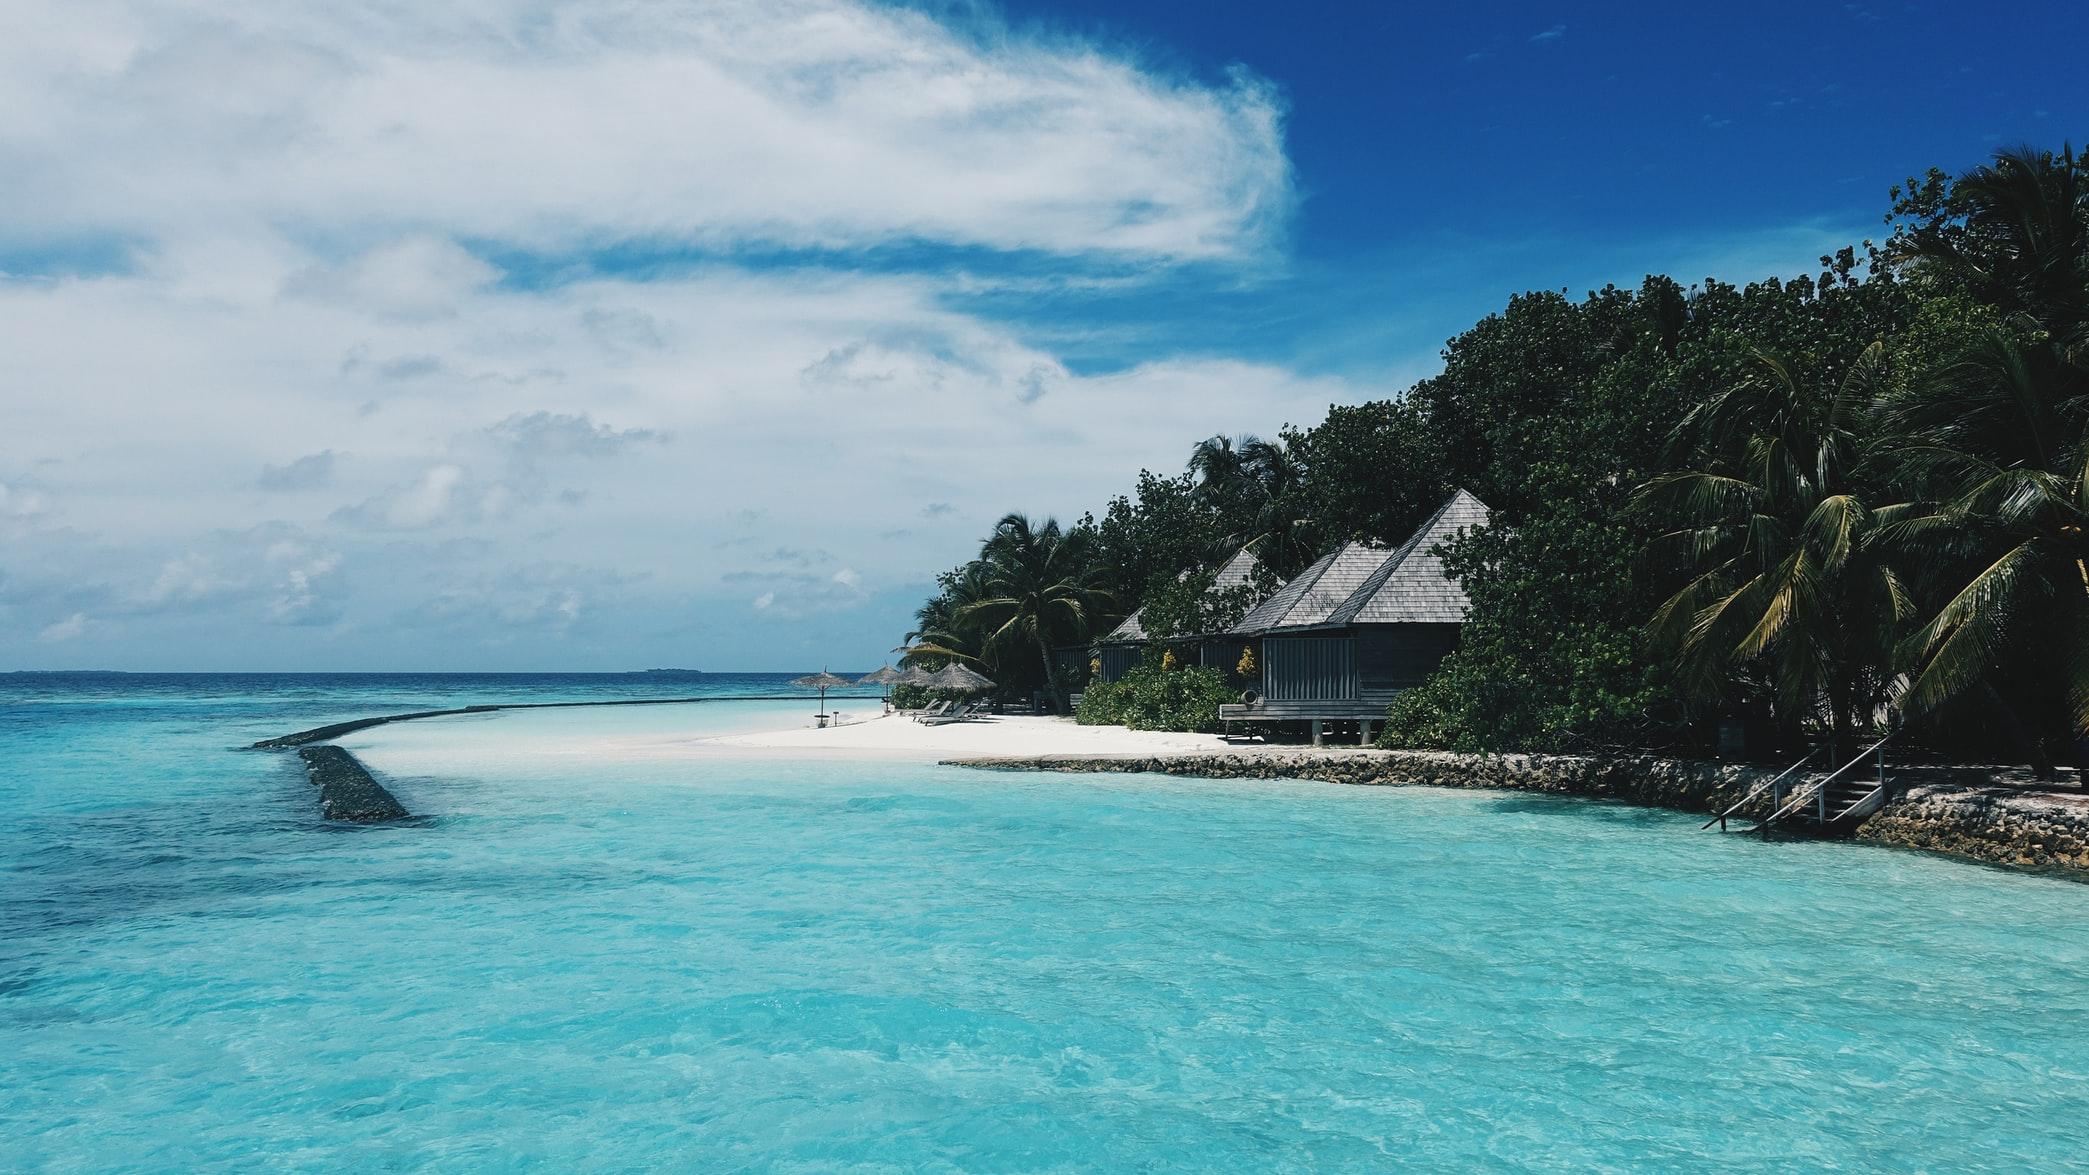 3V-туризм: Мальдивы будут прививать туристов, но потом